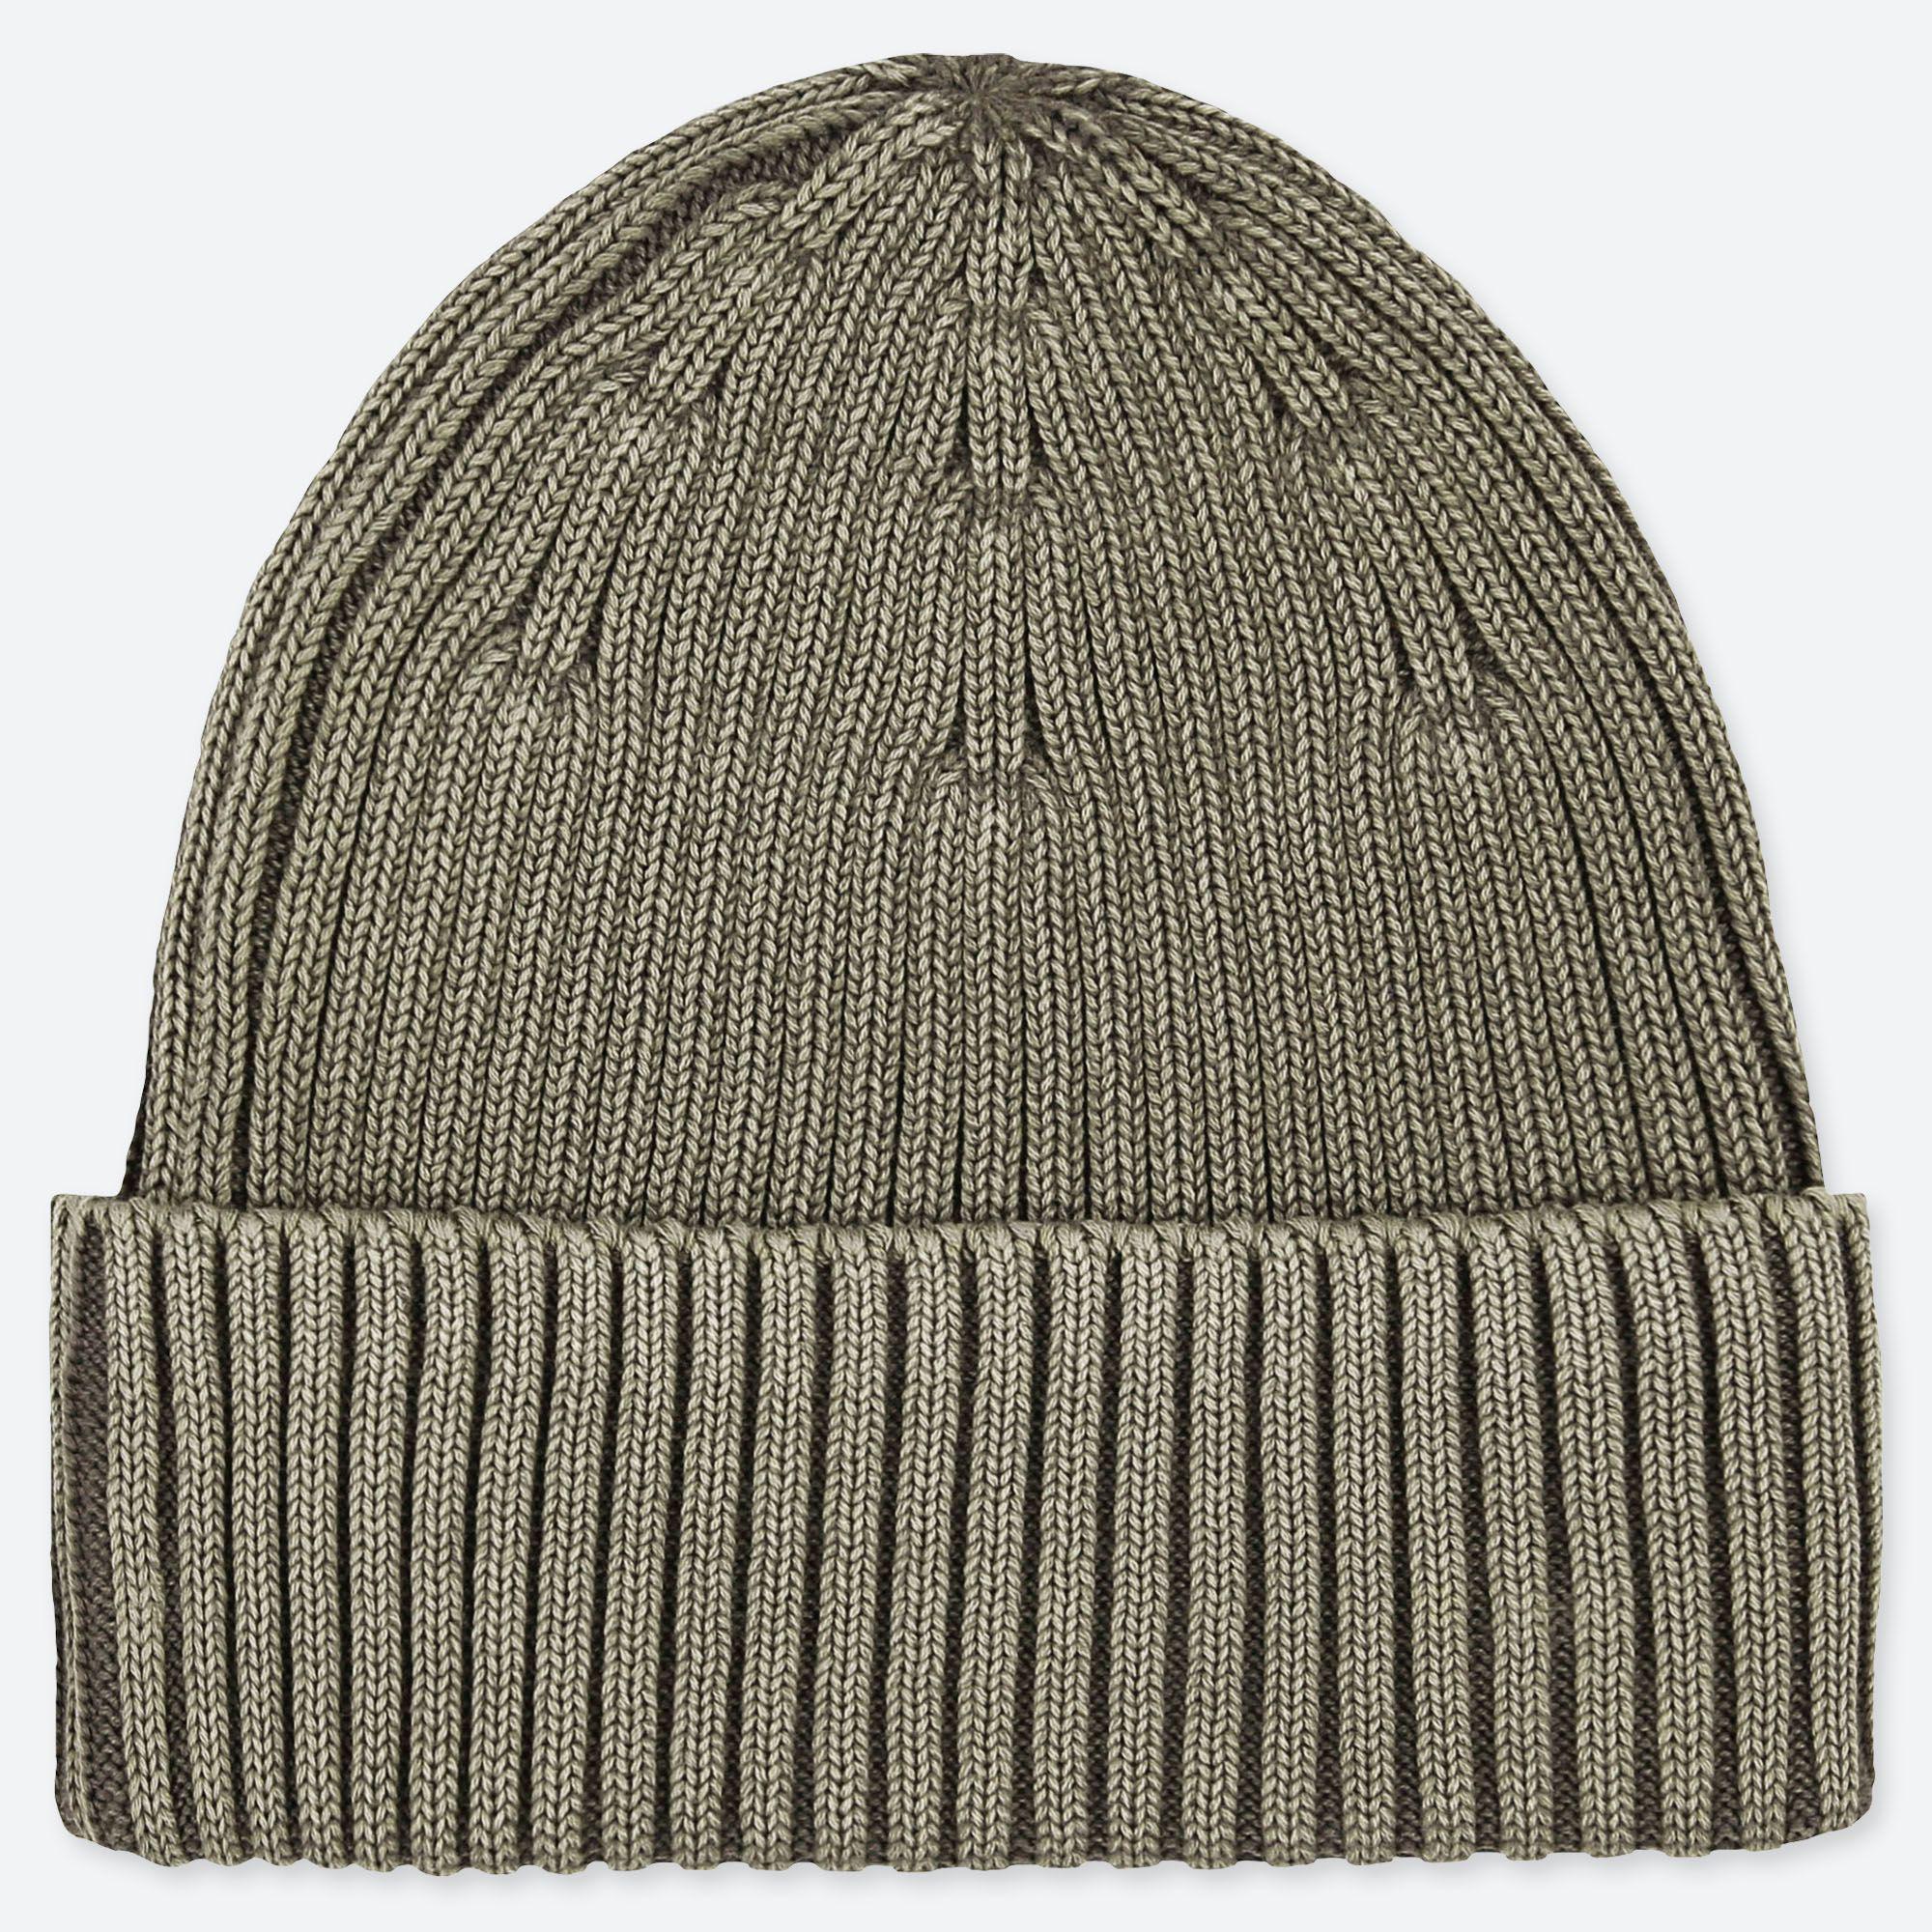 41fedd5e28 Uniqlo Rib Beanie Hat in Green for Men - Lyst